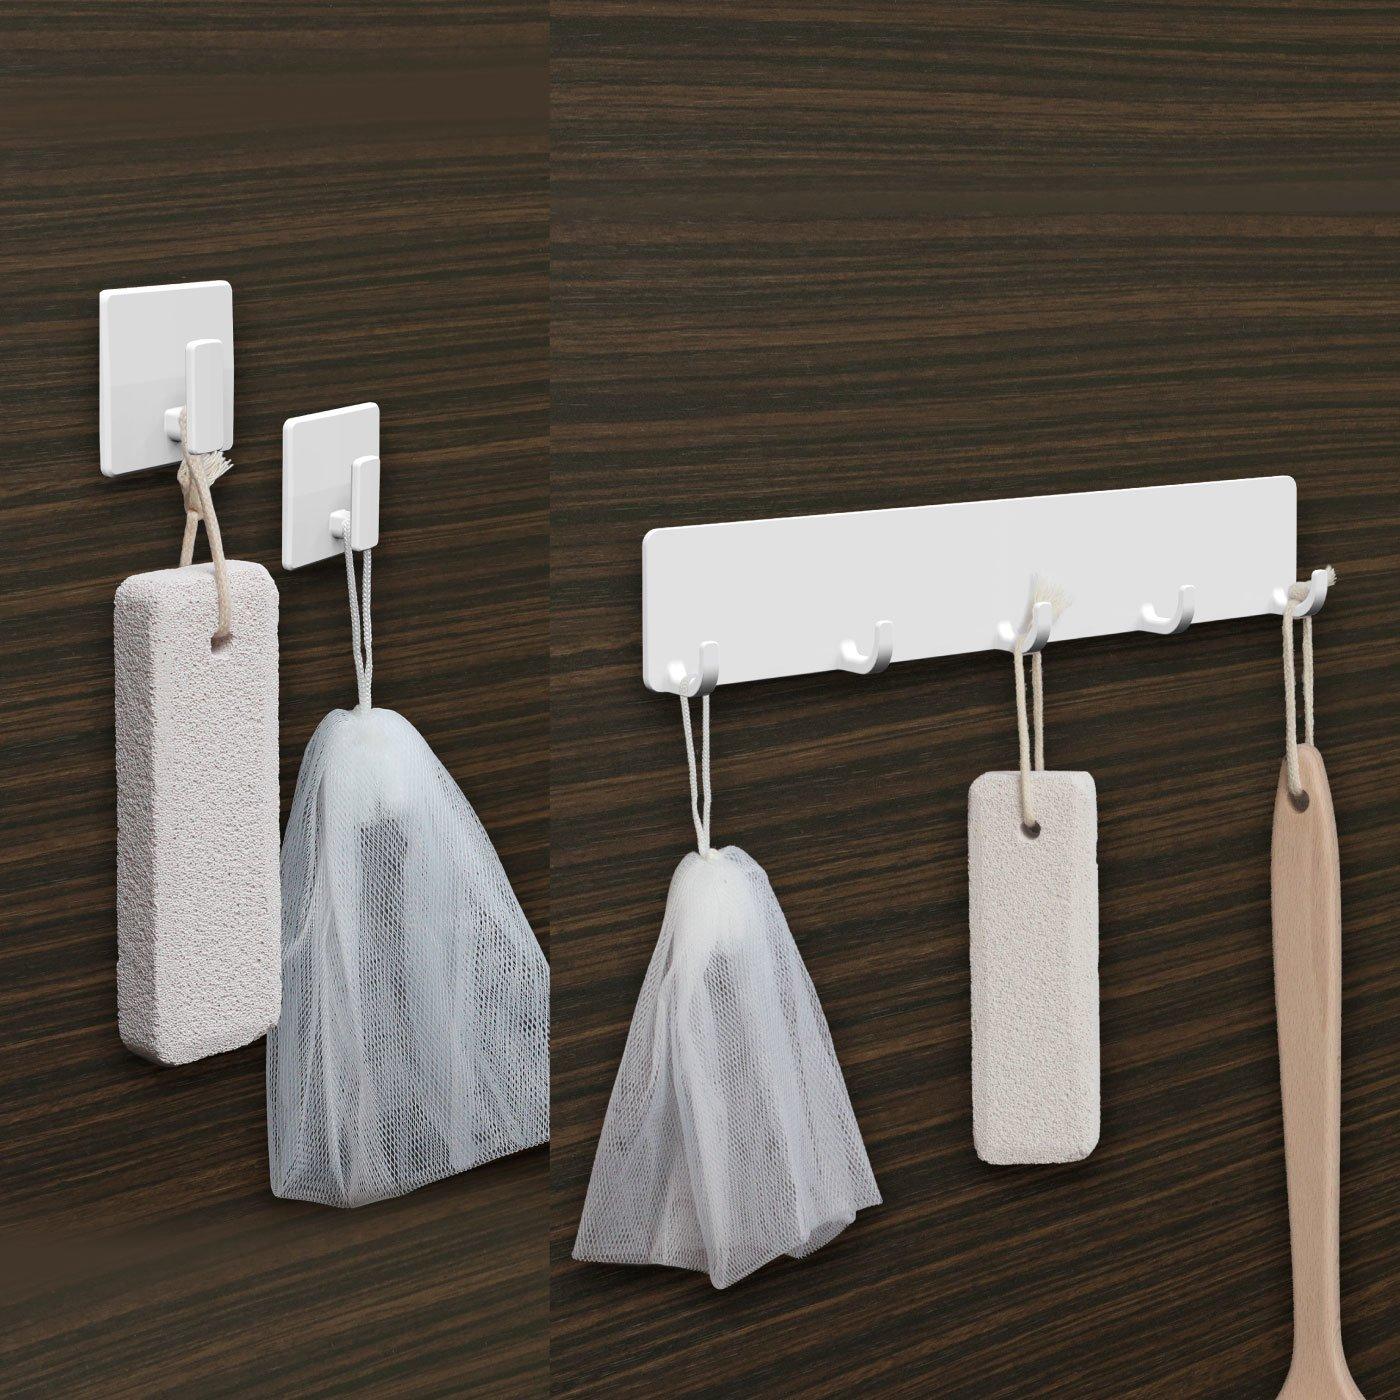 浴室の壁に貼り付く 磁着SQ マグネットバスフックミニ2個組・マグネットバスフック5連 セット